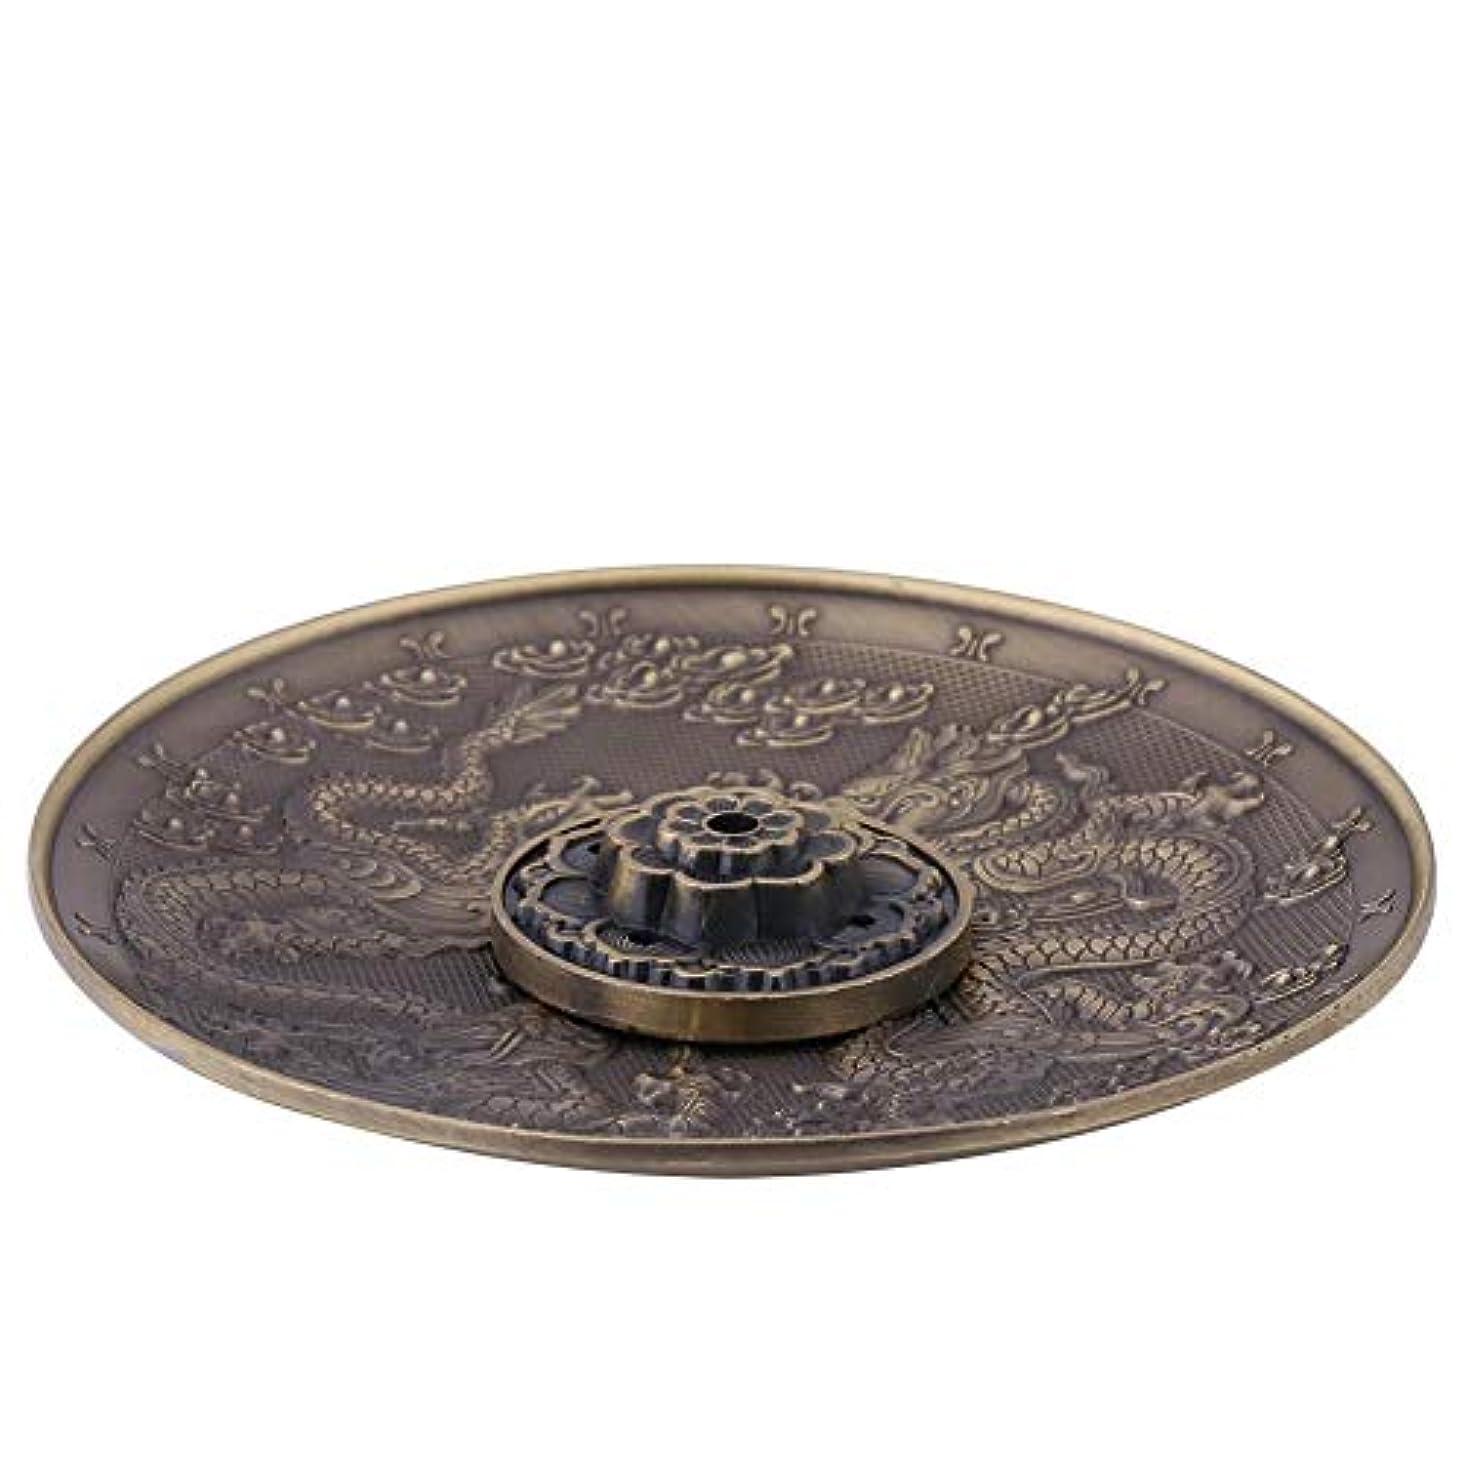 植物学宿題をするかすかな金属バーナーホルダー5穴亜鉛合金の香りバーナーホルダー 寝室の寺院の装飾 ドラゴンパターンの香炉プレート(#2)